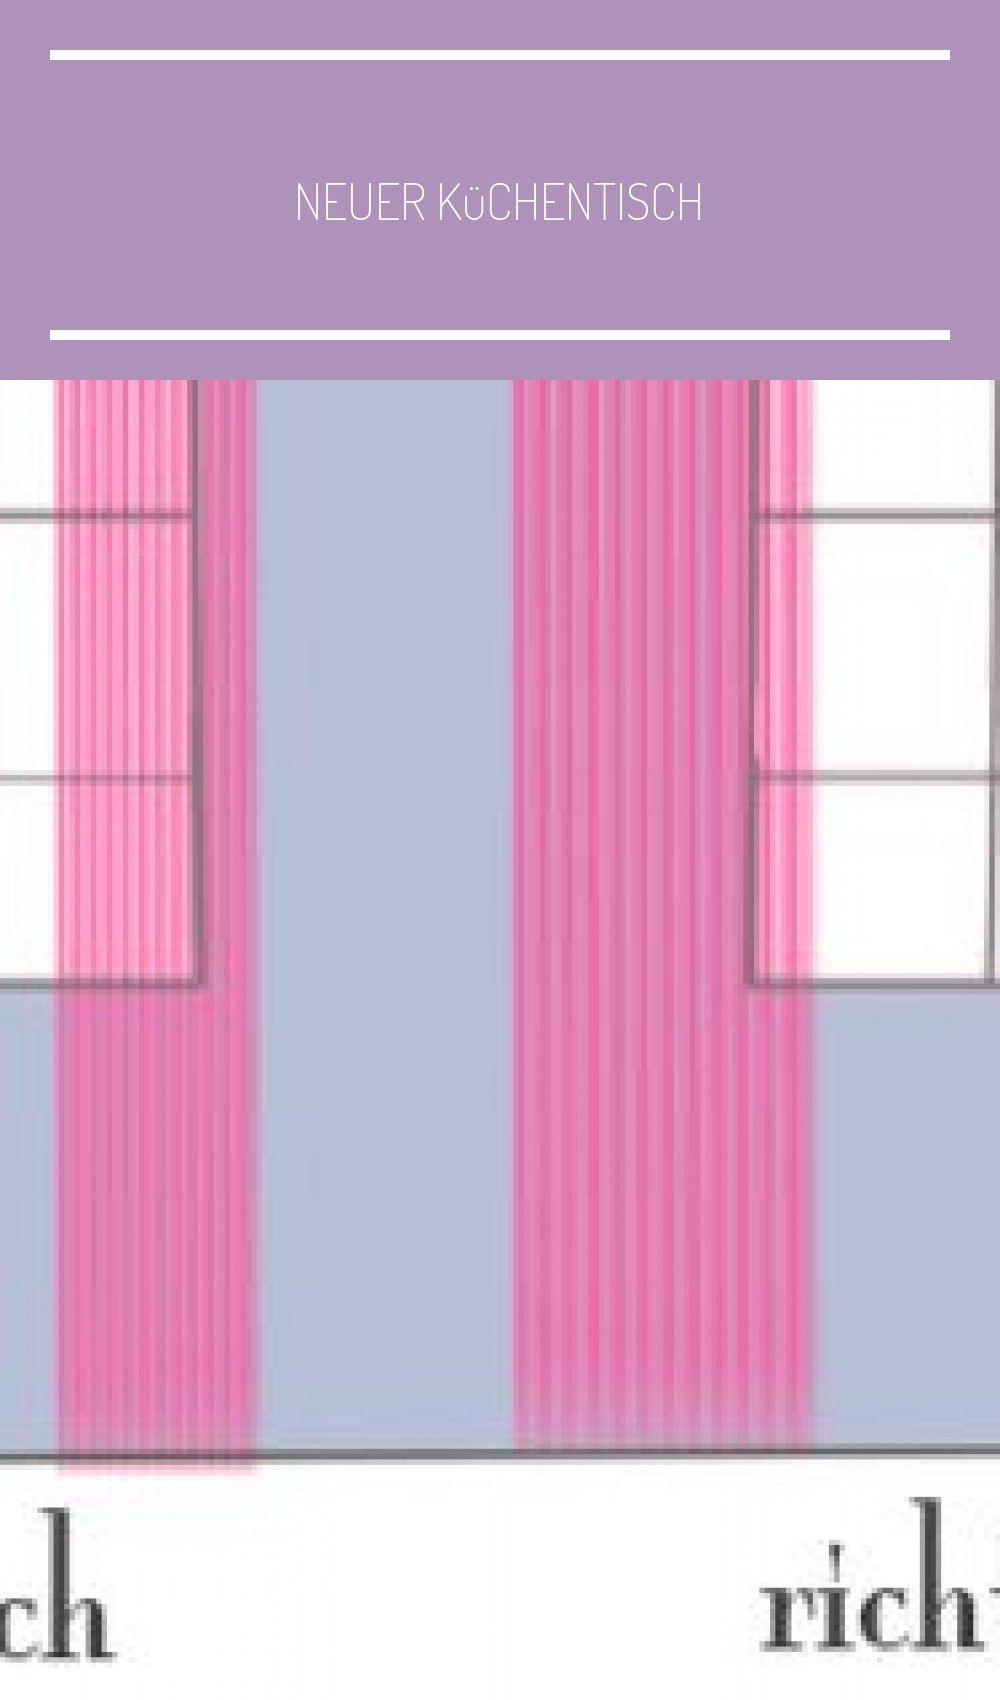 fenster vorhang ideen #wohn esszimmer gardinen #kuchentisch